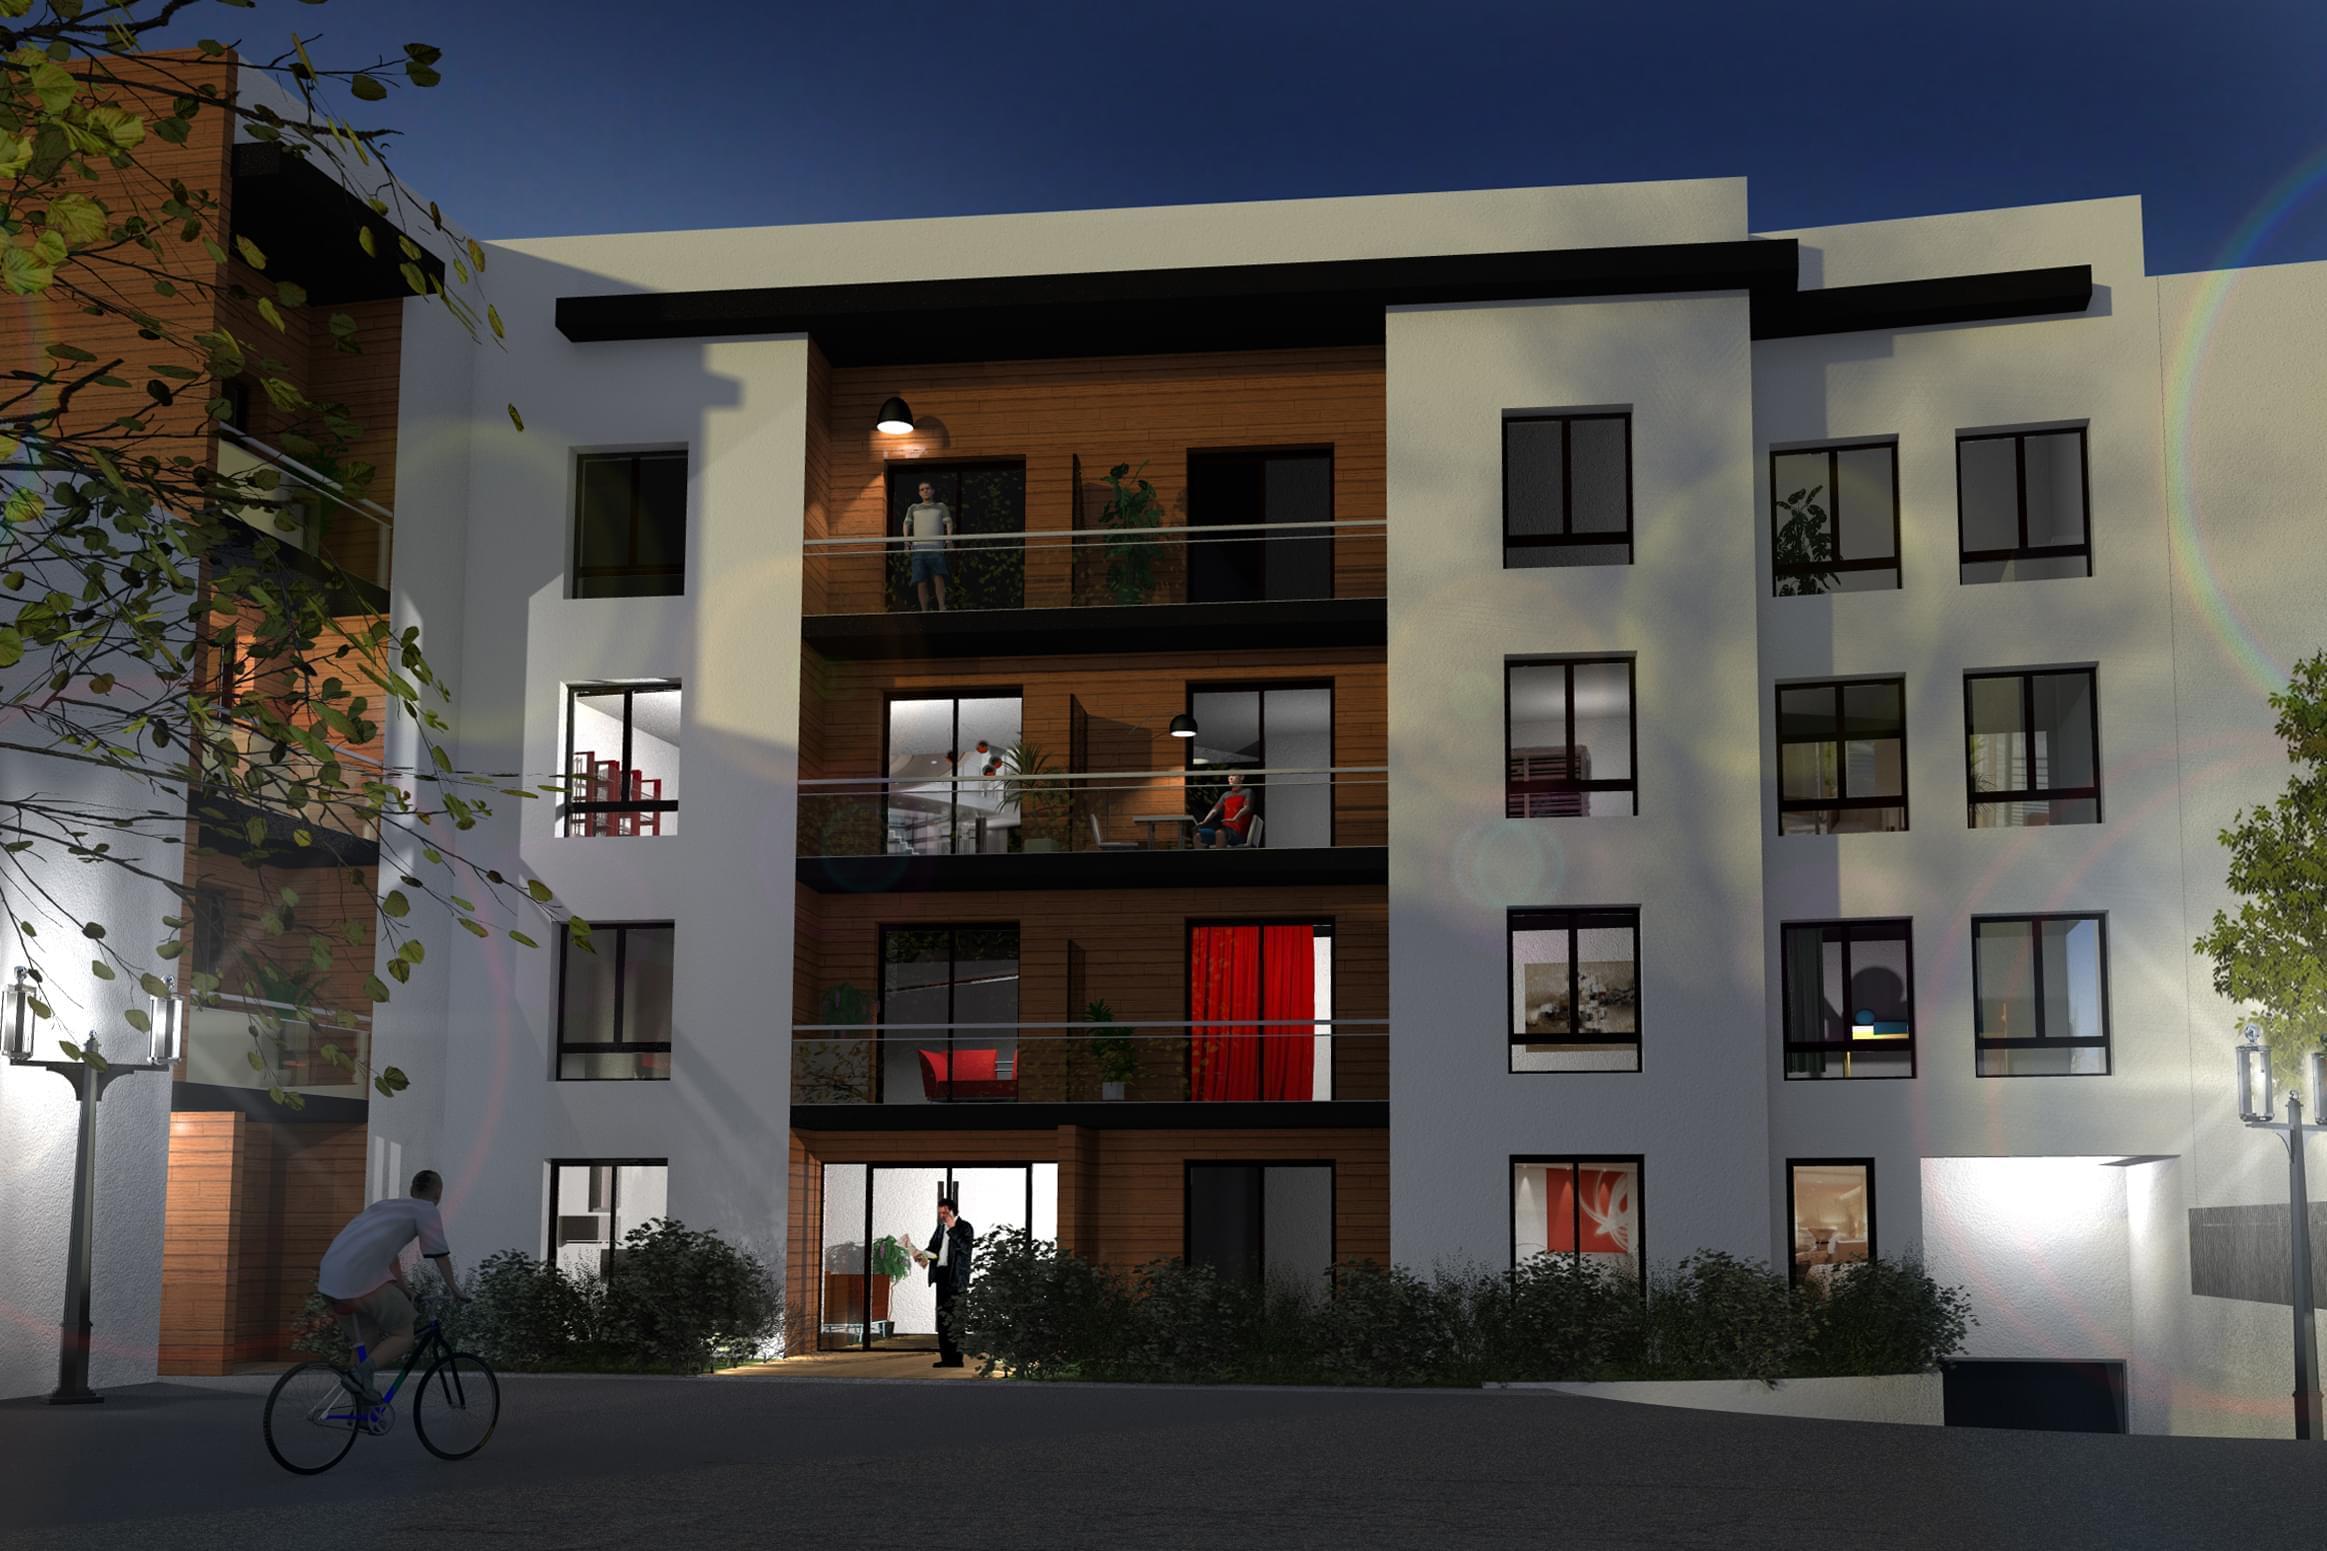 Programme immobilier neuf meyzieu carr r publique for Prix m2 meyzieu